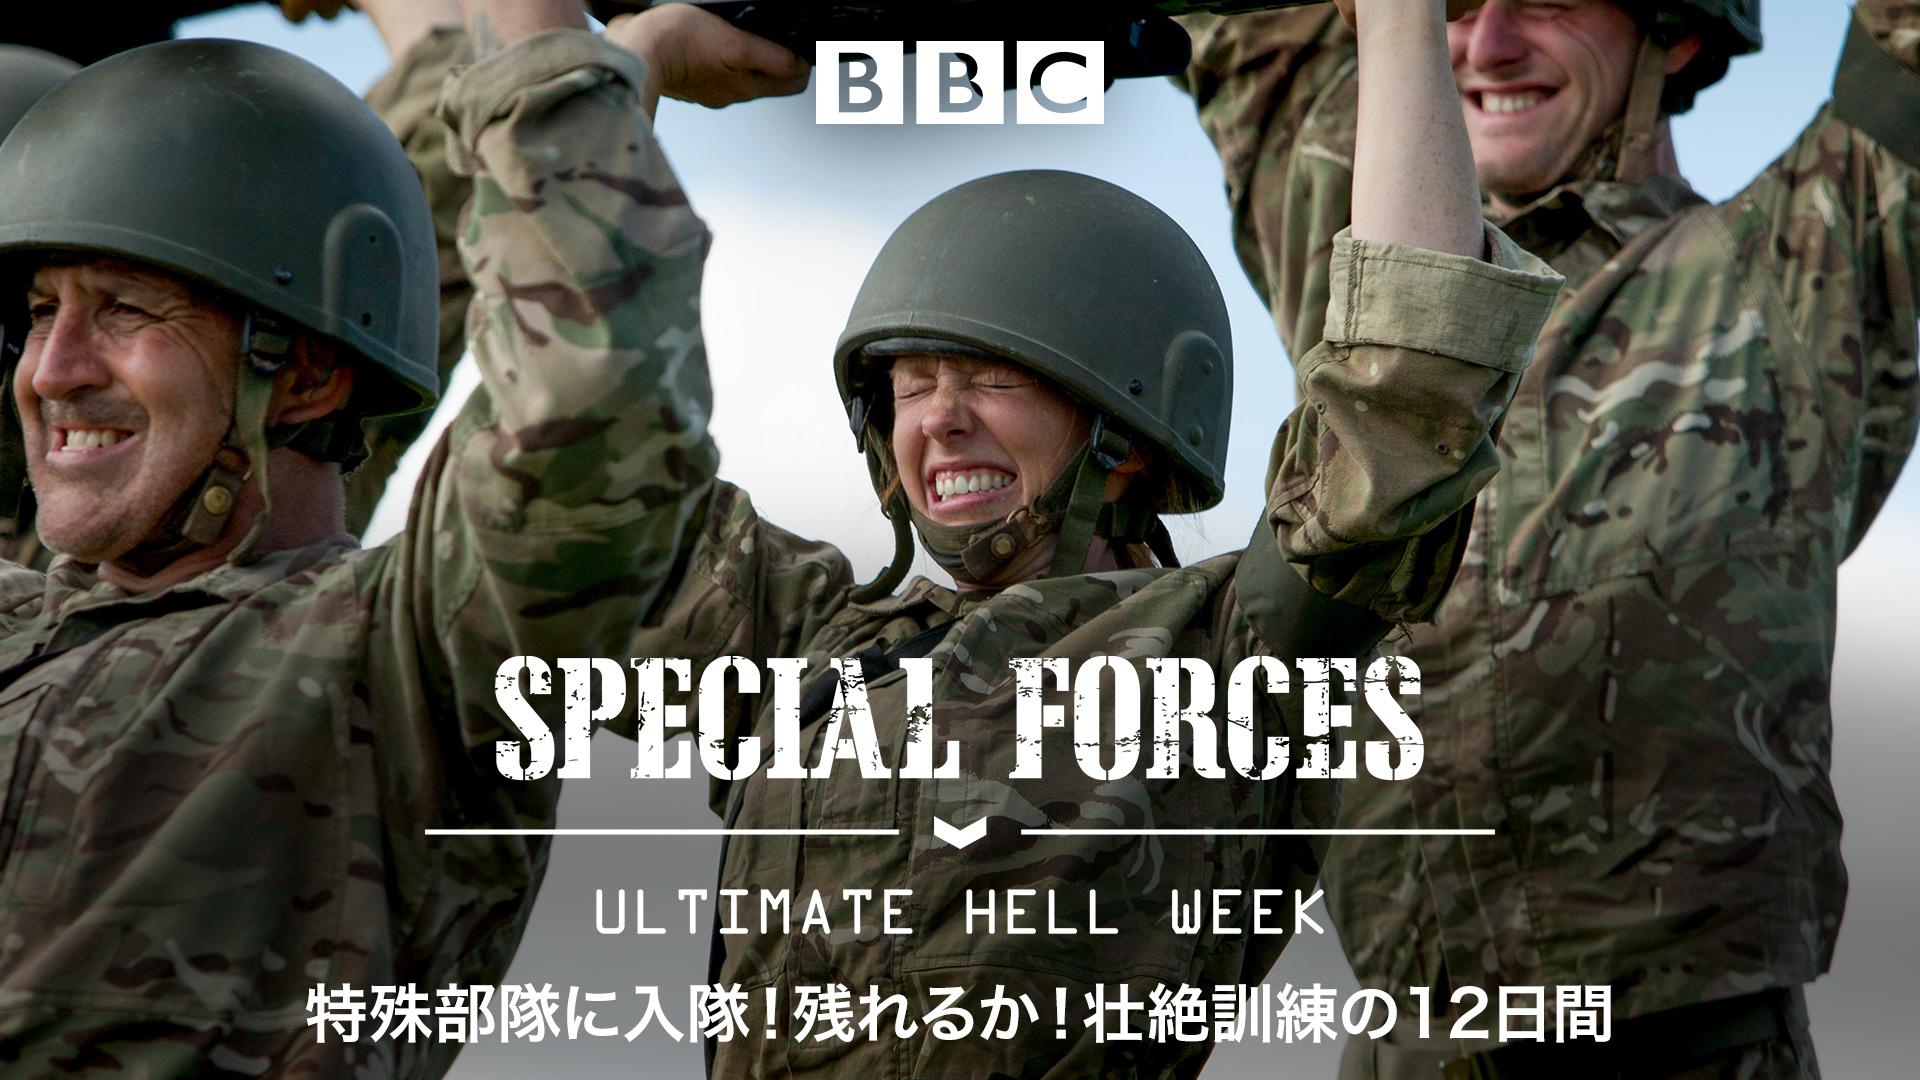 特殊部隊に入隊!残れるか!壮絶訓練の12日間(字幕版)